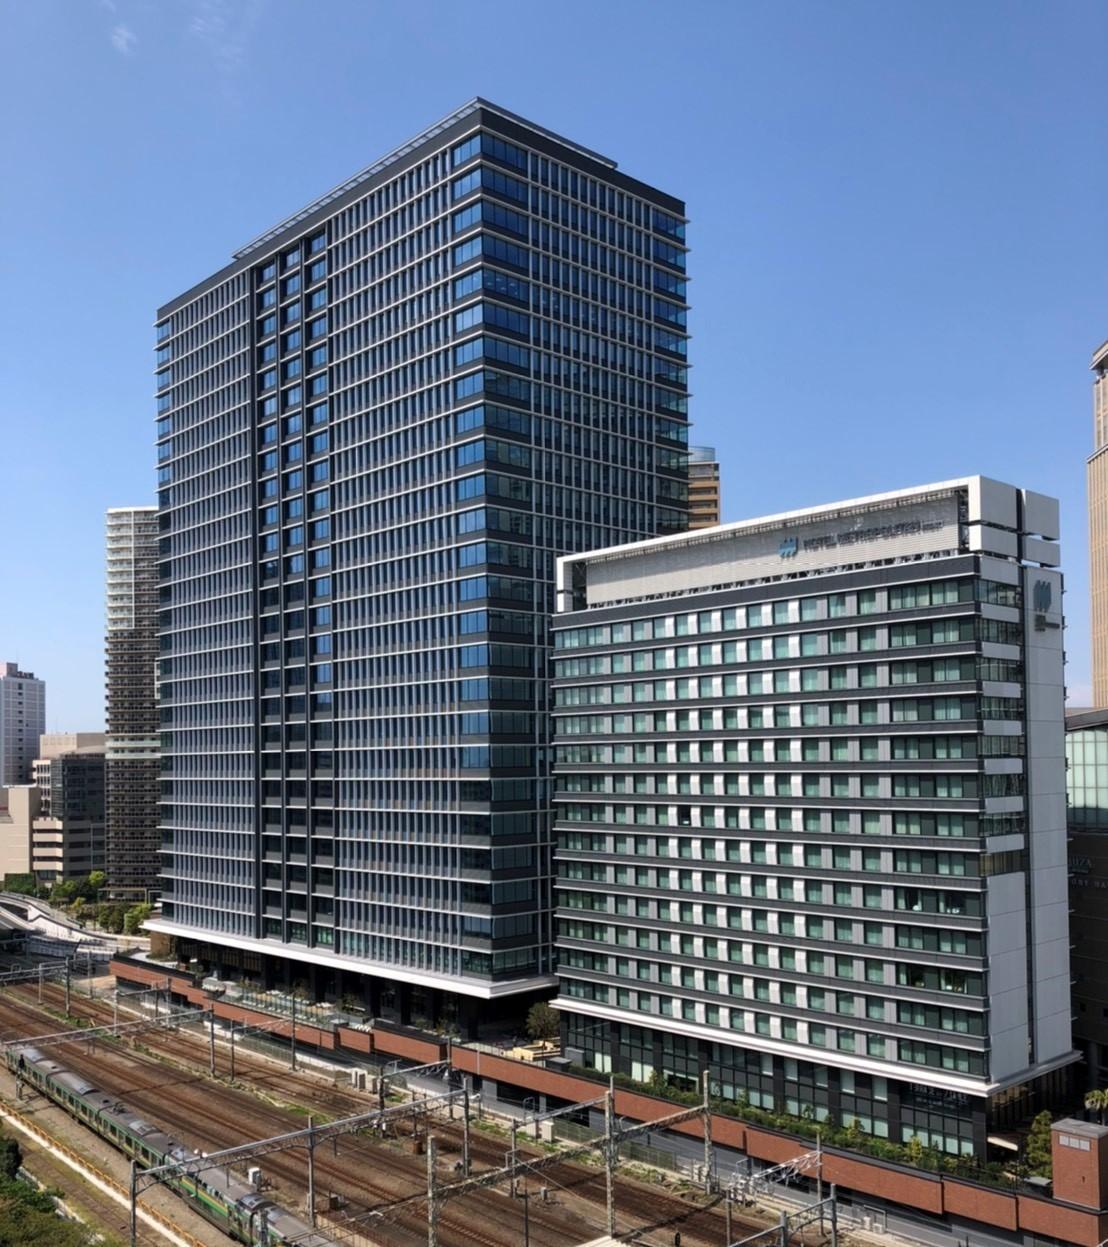 川崎駅西口開発計画新築工事のイメージ